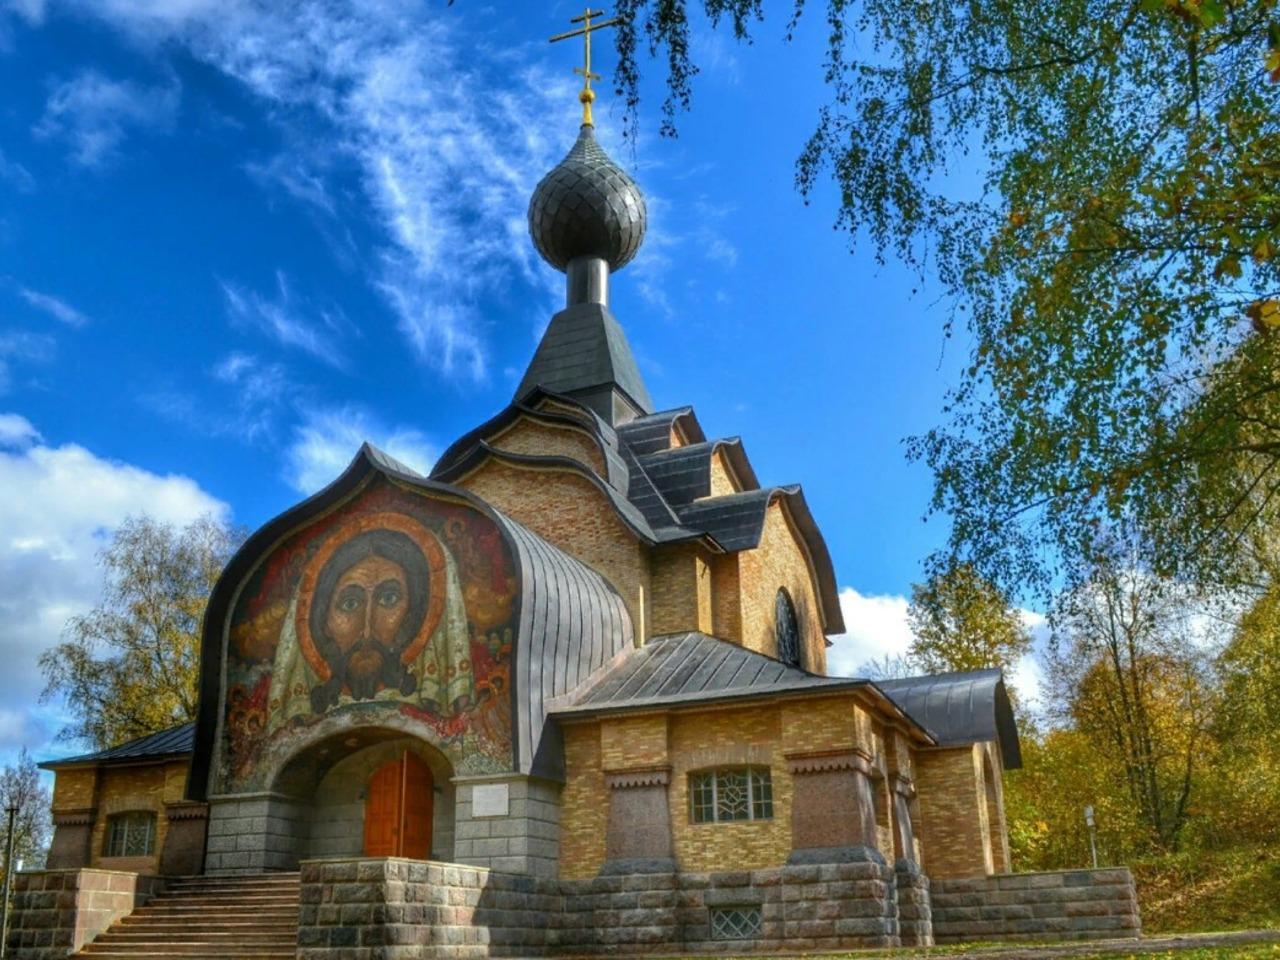 Путешествие в творческую усадьбу Талашкино-Фленово - индивидуальная экскурсия по Смоленску от опытного гида